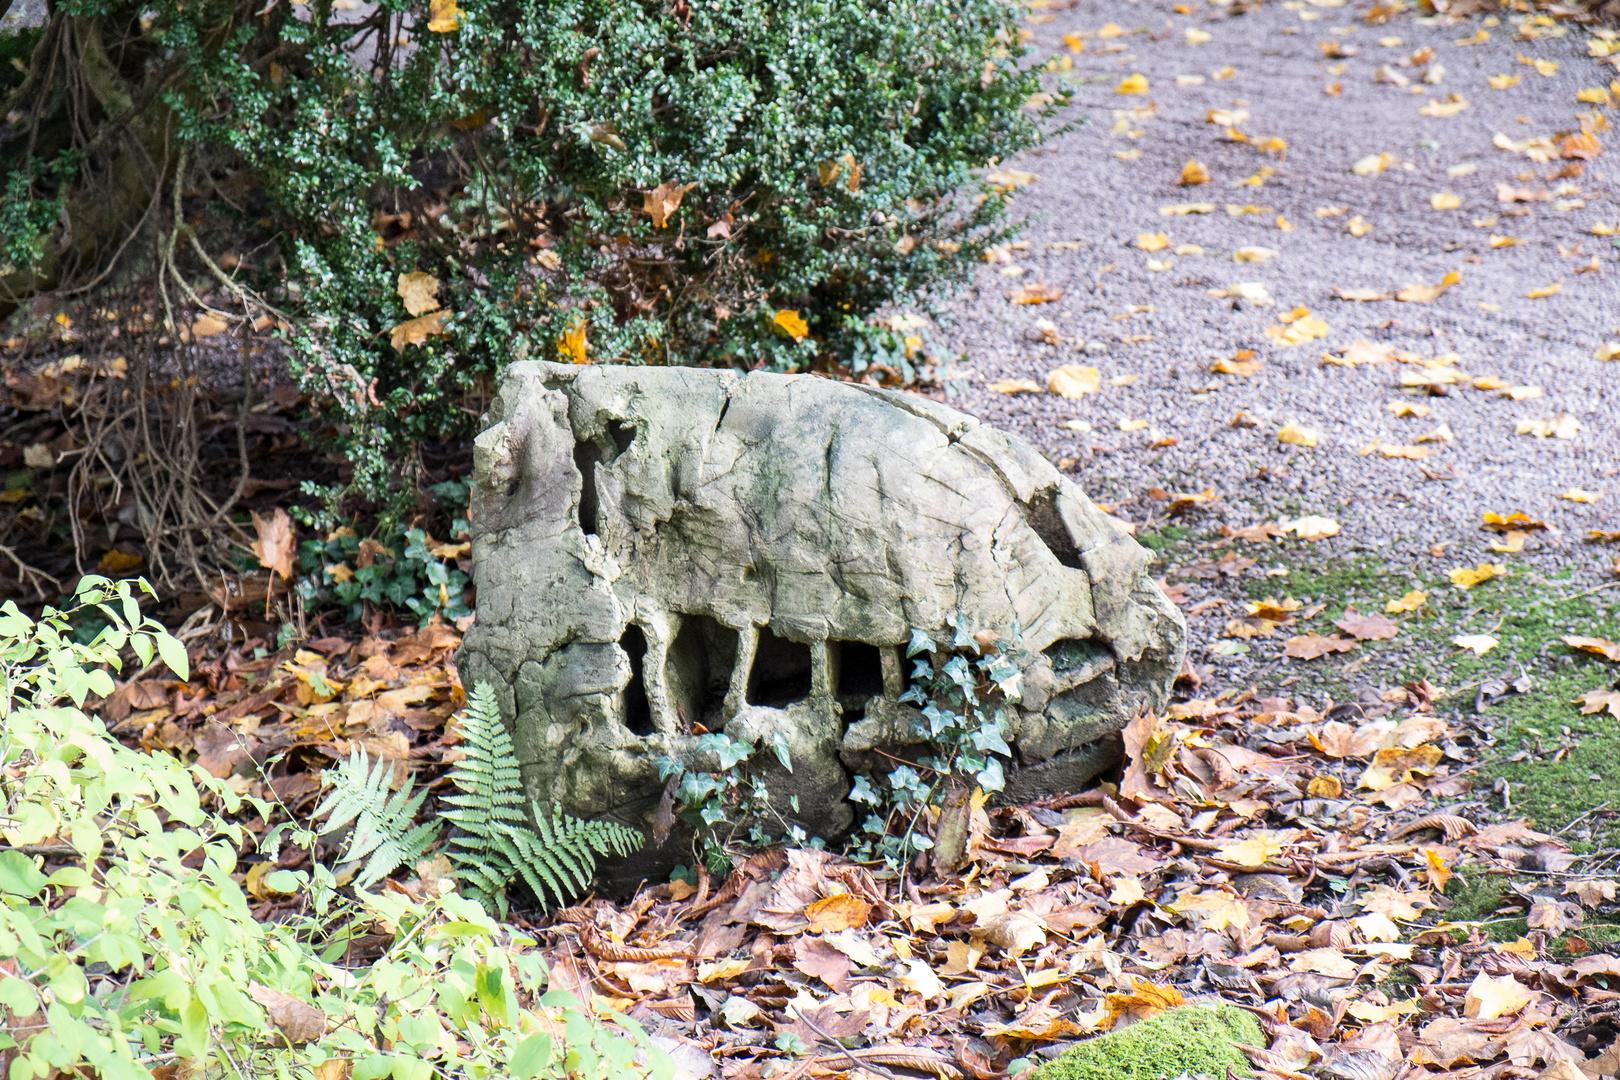 Sieht der Stein nicht aus wie der Kopf eines Dinos?